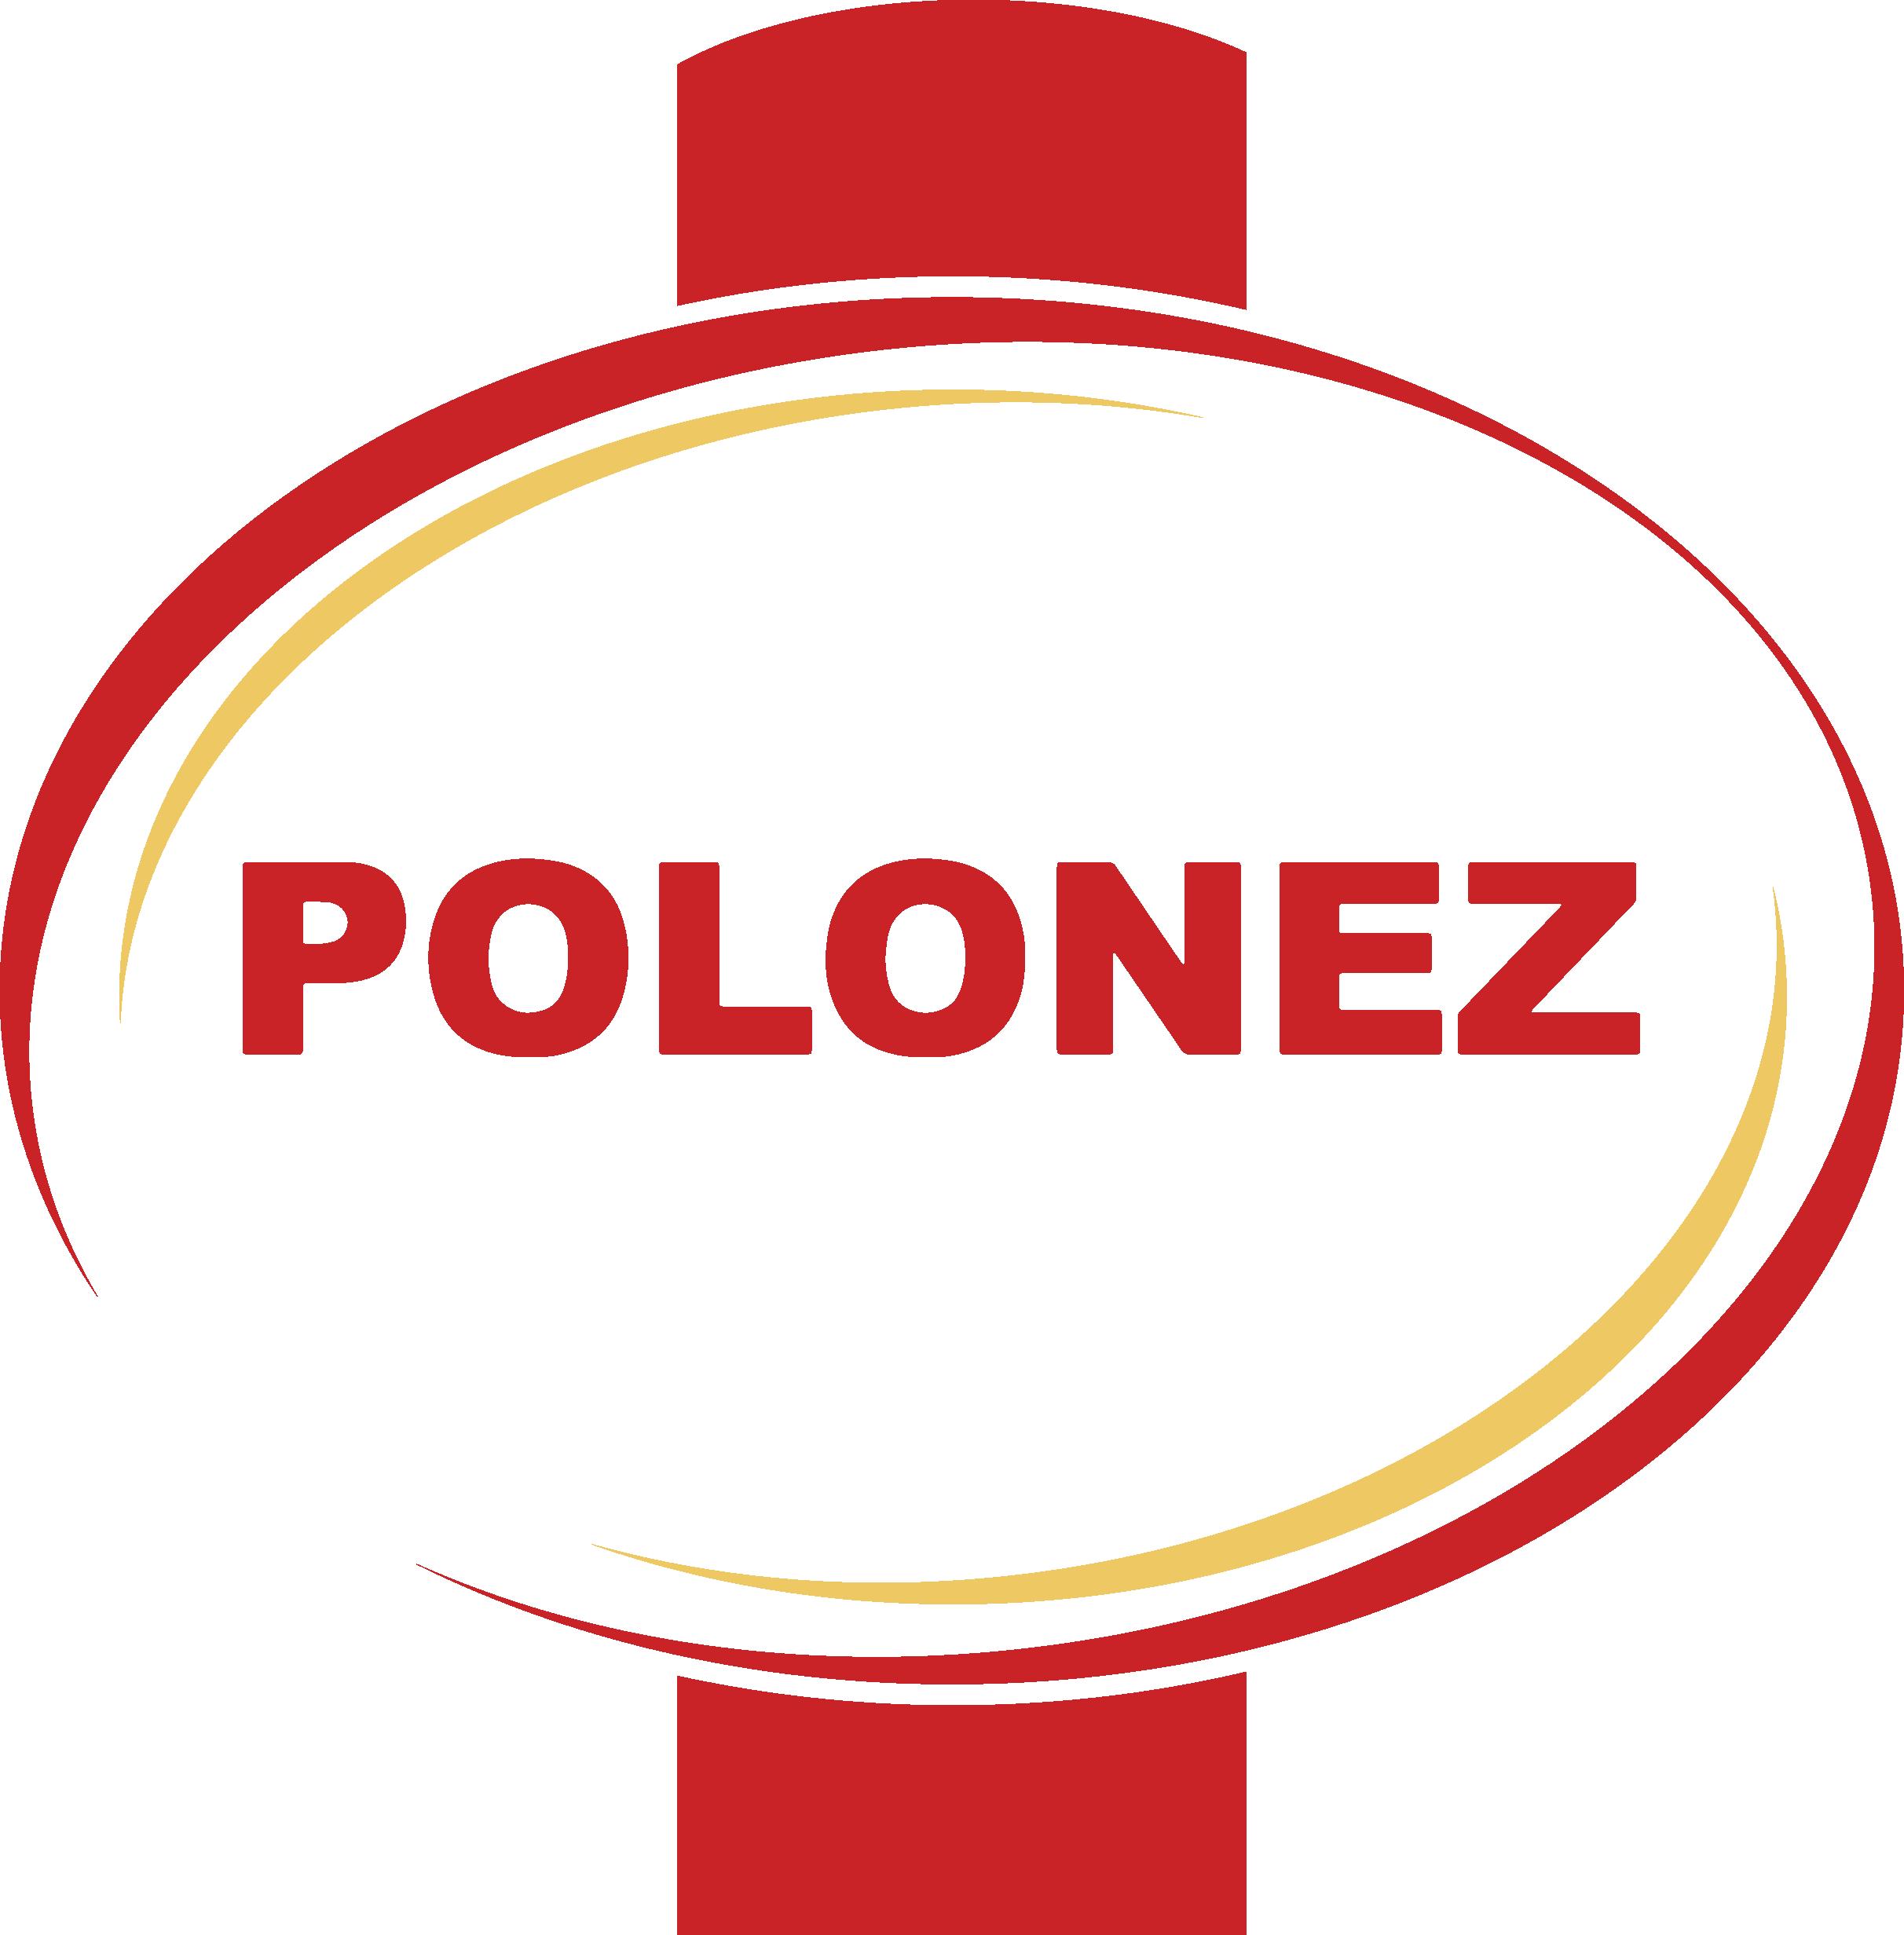 Polonez Ready